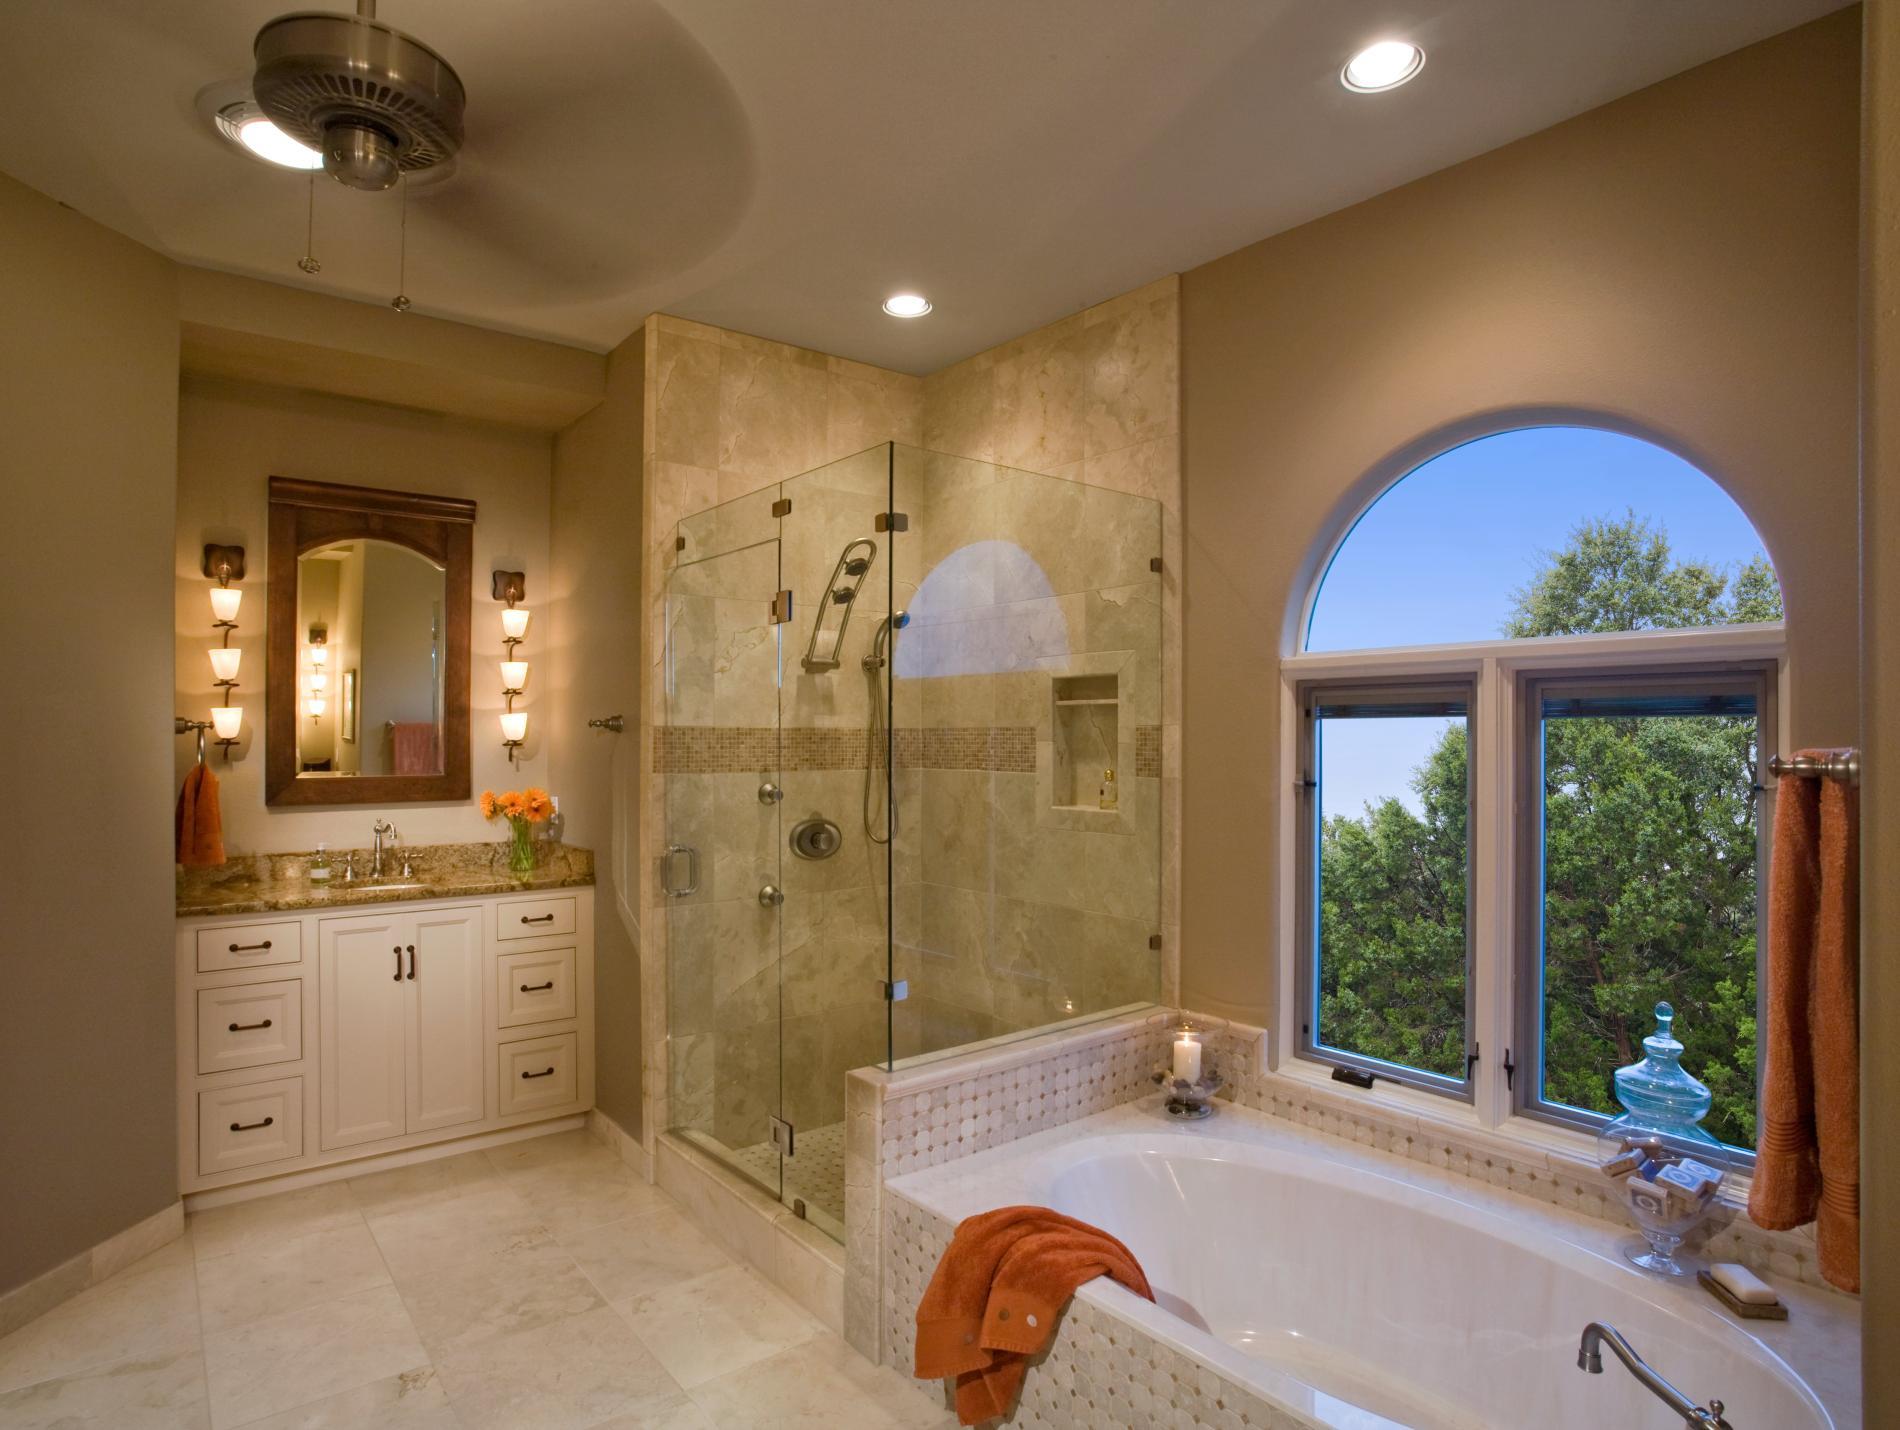 дизайн интерьера загородного дома ванна в мансарде.jpg